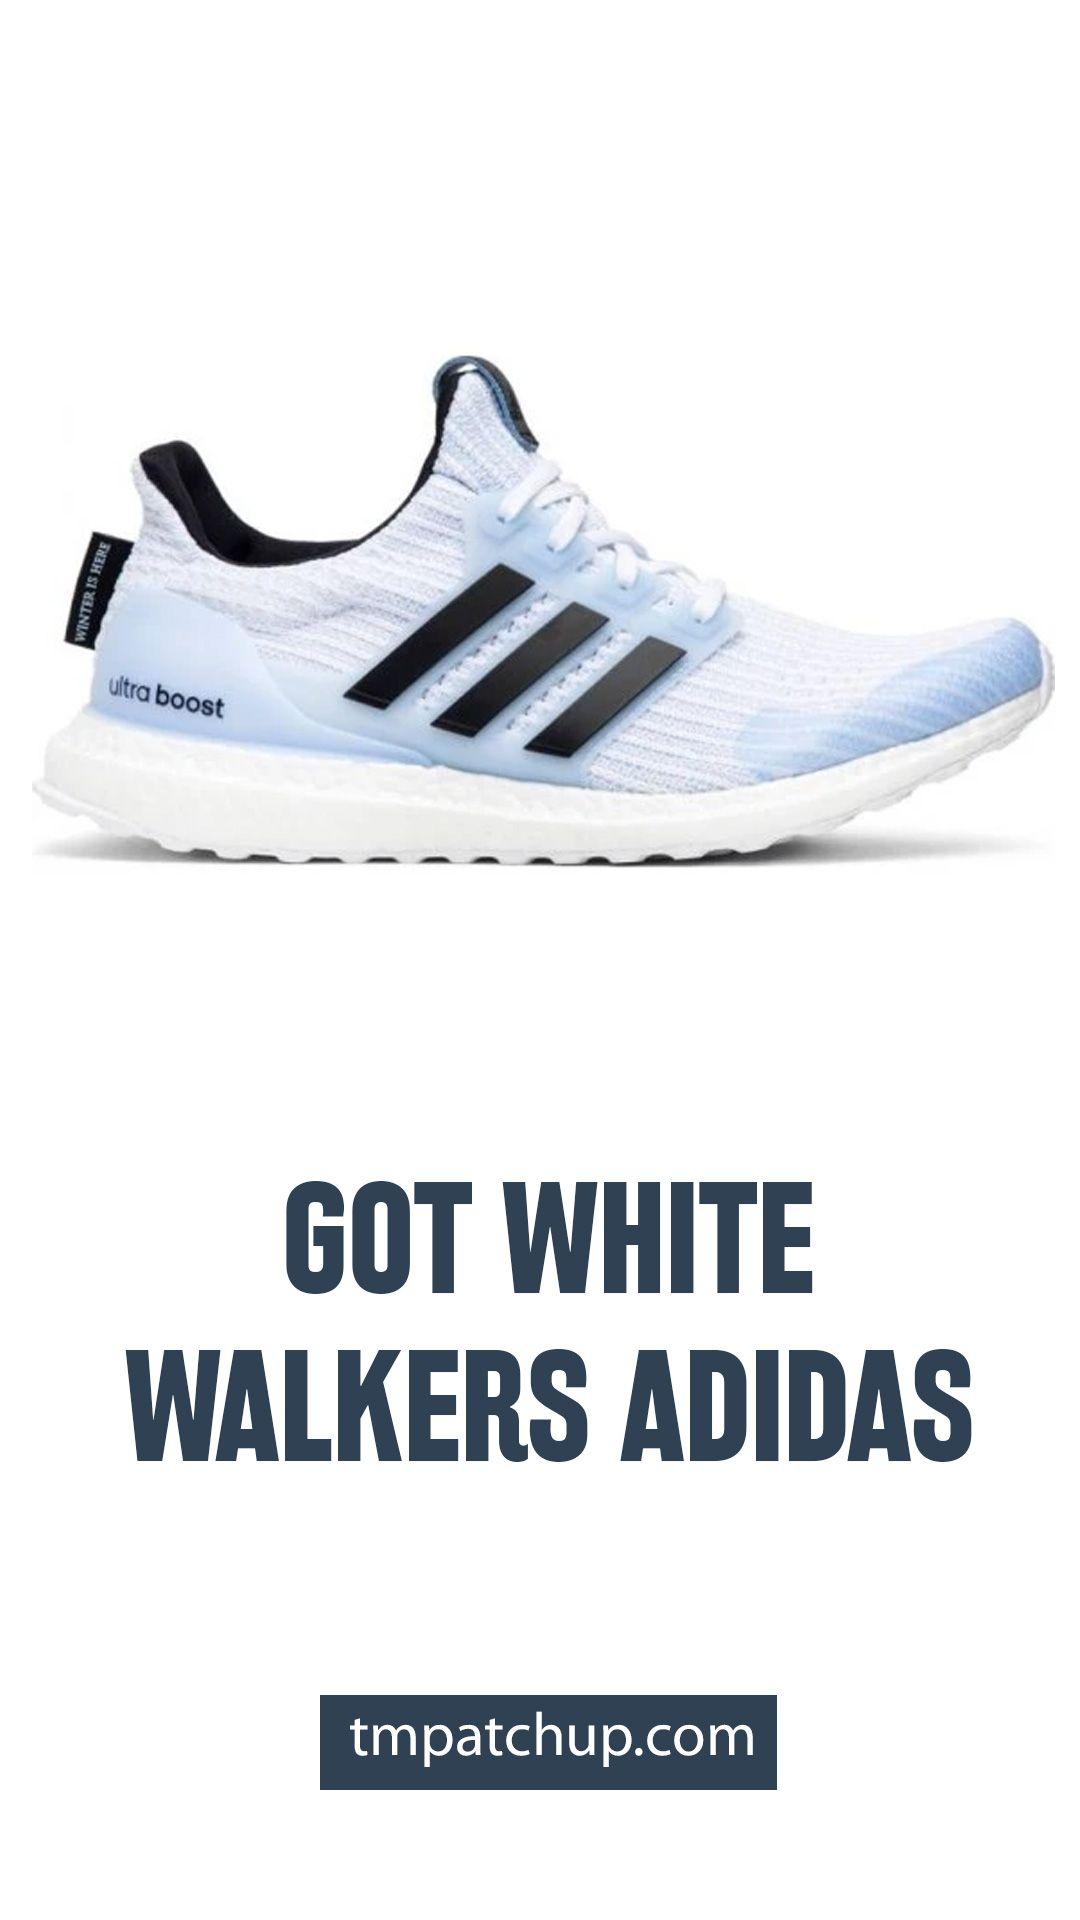 GOT WHITE WALKERS ADIDAS in 2020   Got